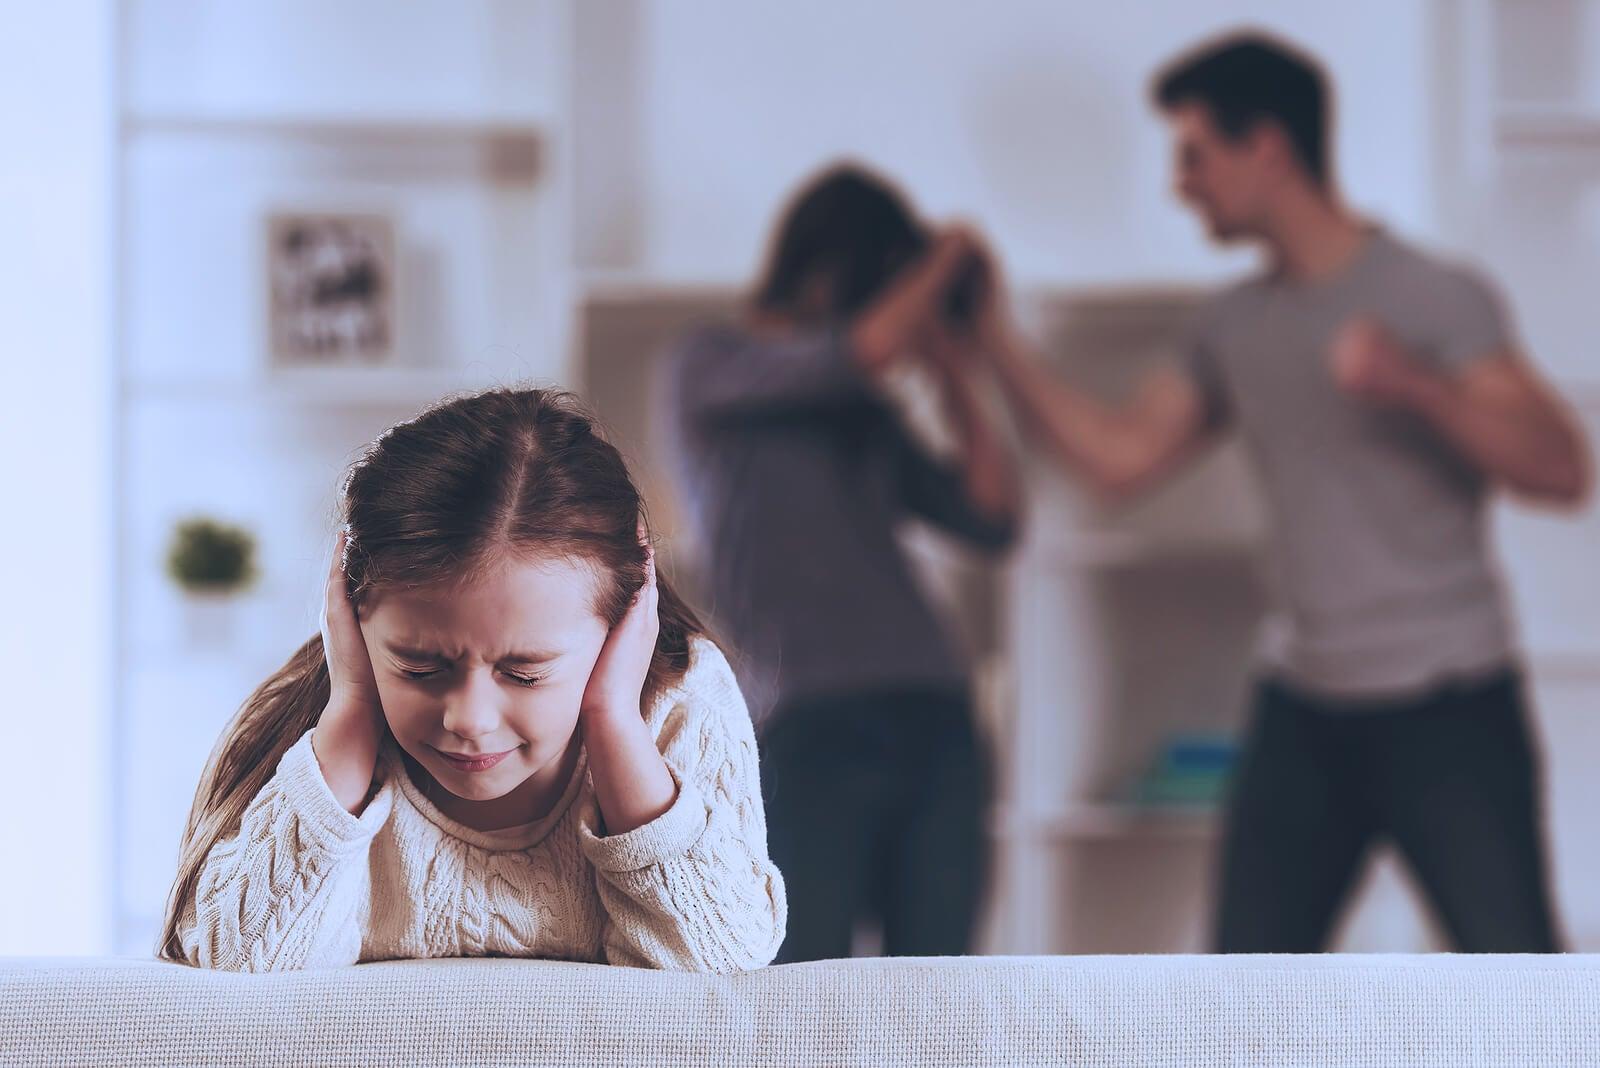 Niña aguantando los gritos de su padre hacia su madre.